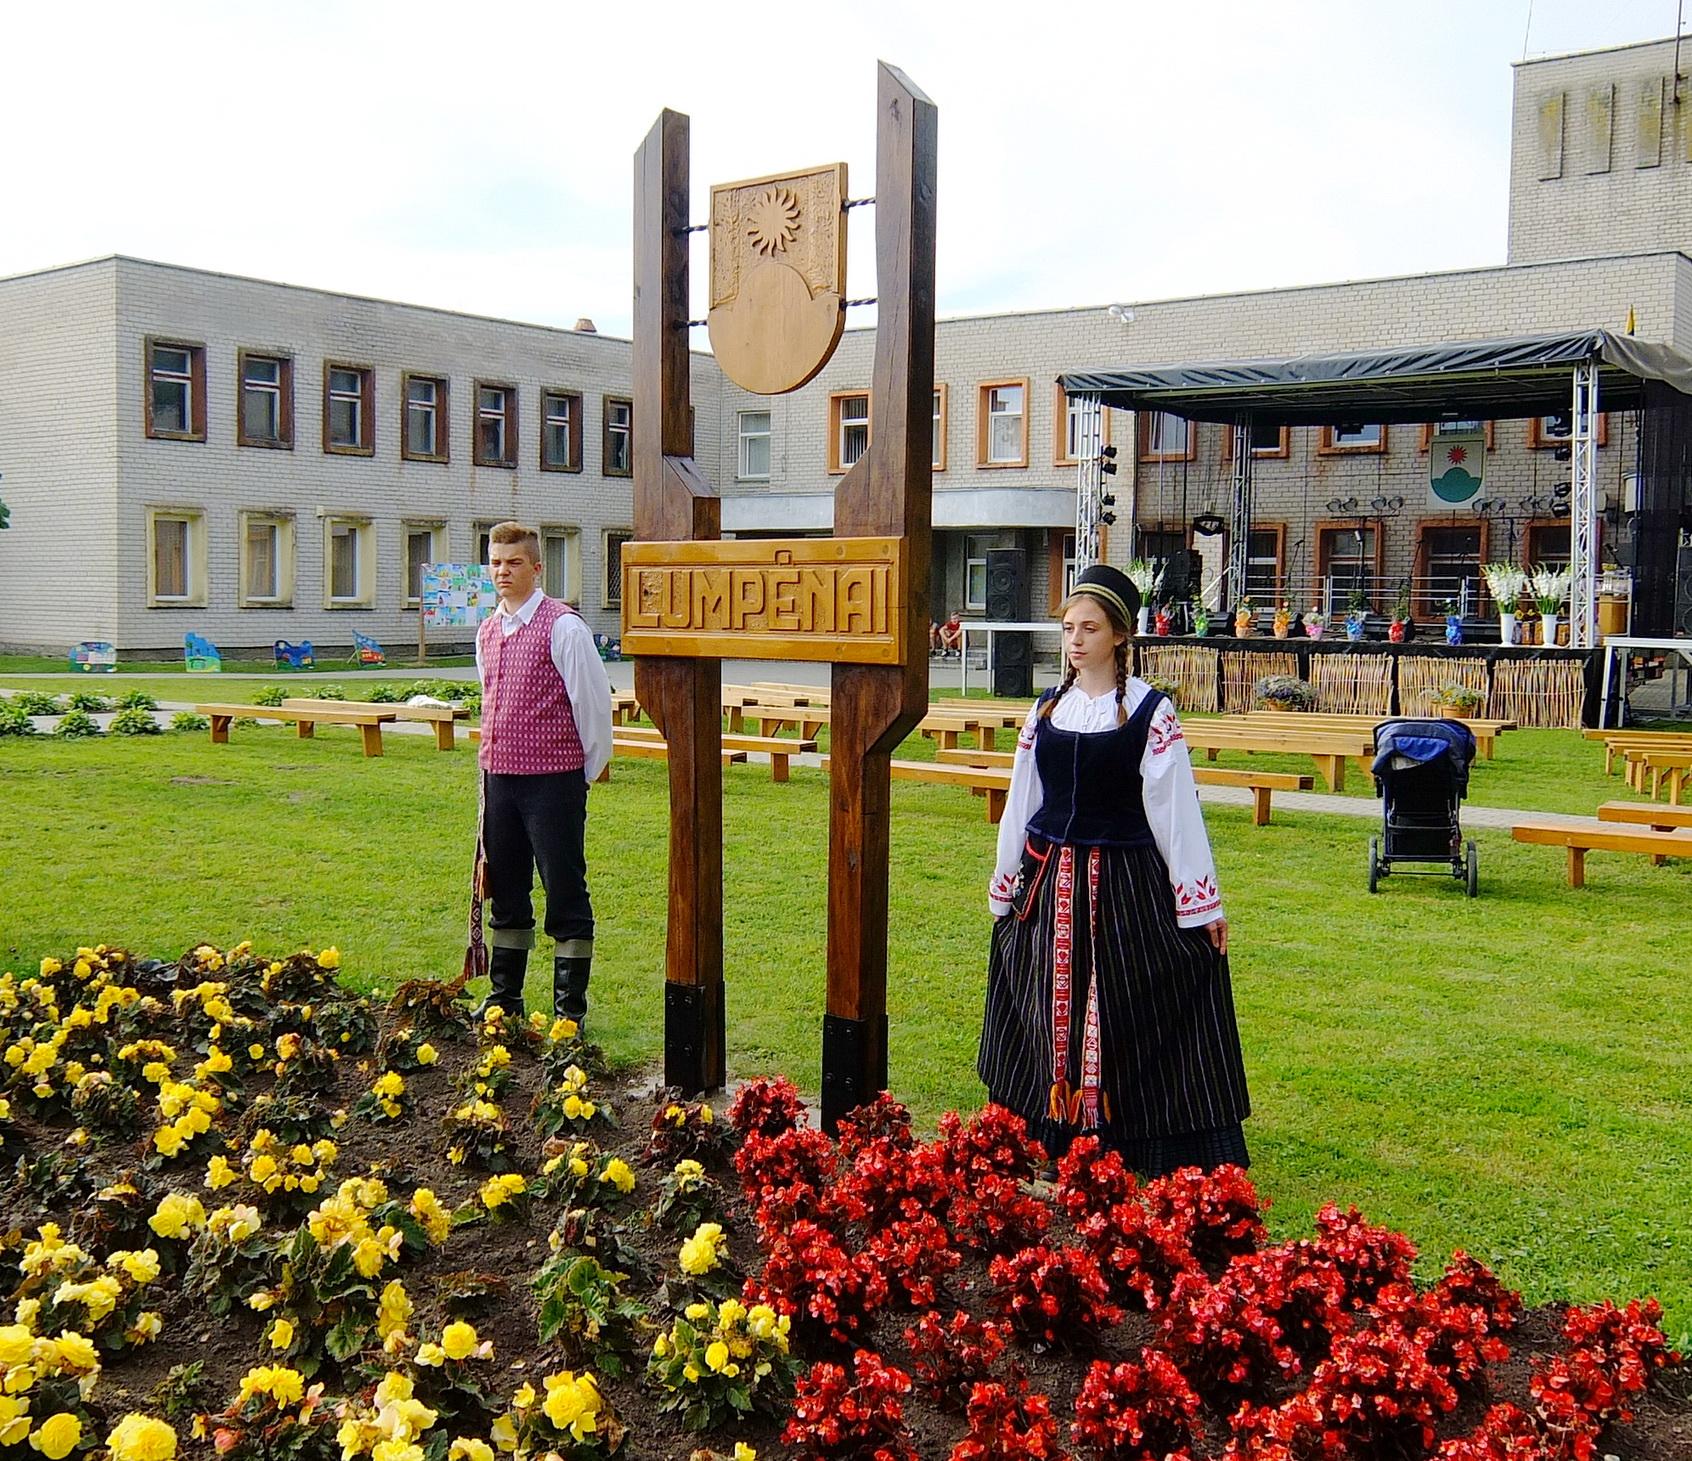 Šalia paminklinio ženklo Lumpėnams per atidengimo iškilmes stovėjo tautiniais rūbais pasipuošusio jaunimo pora.